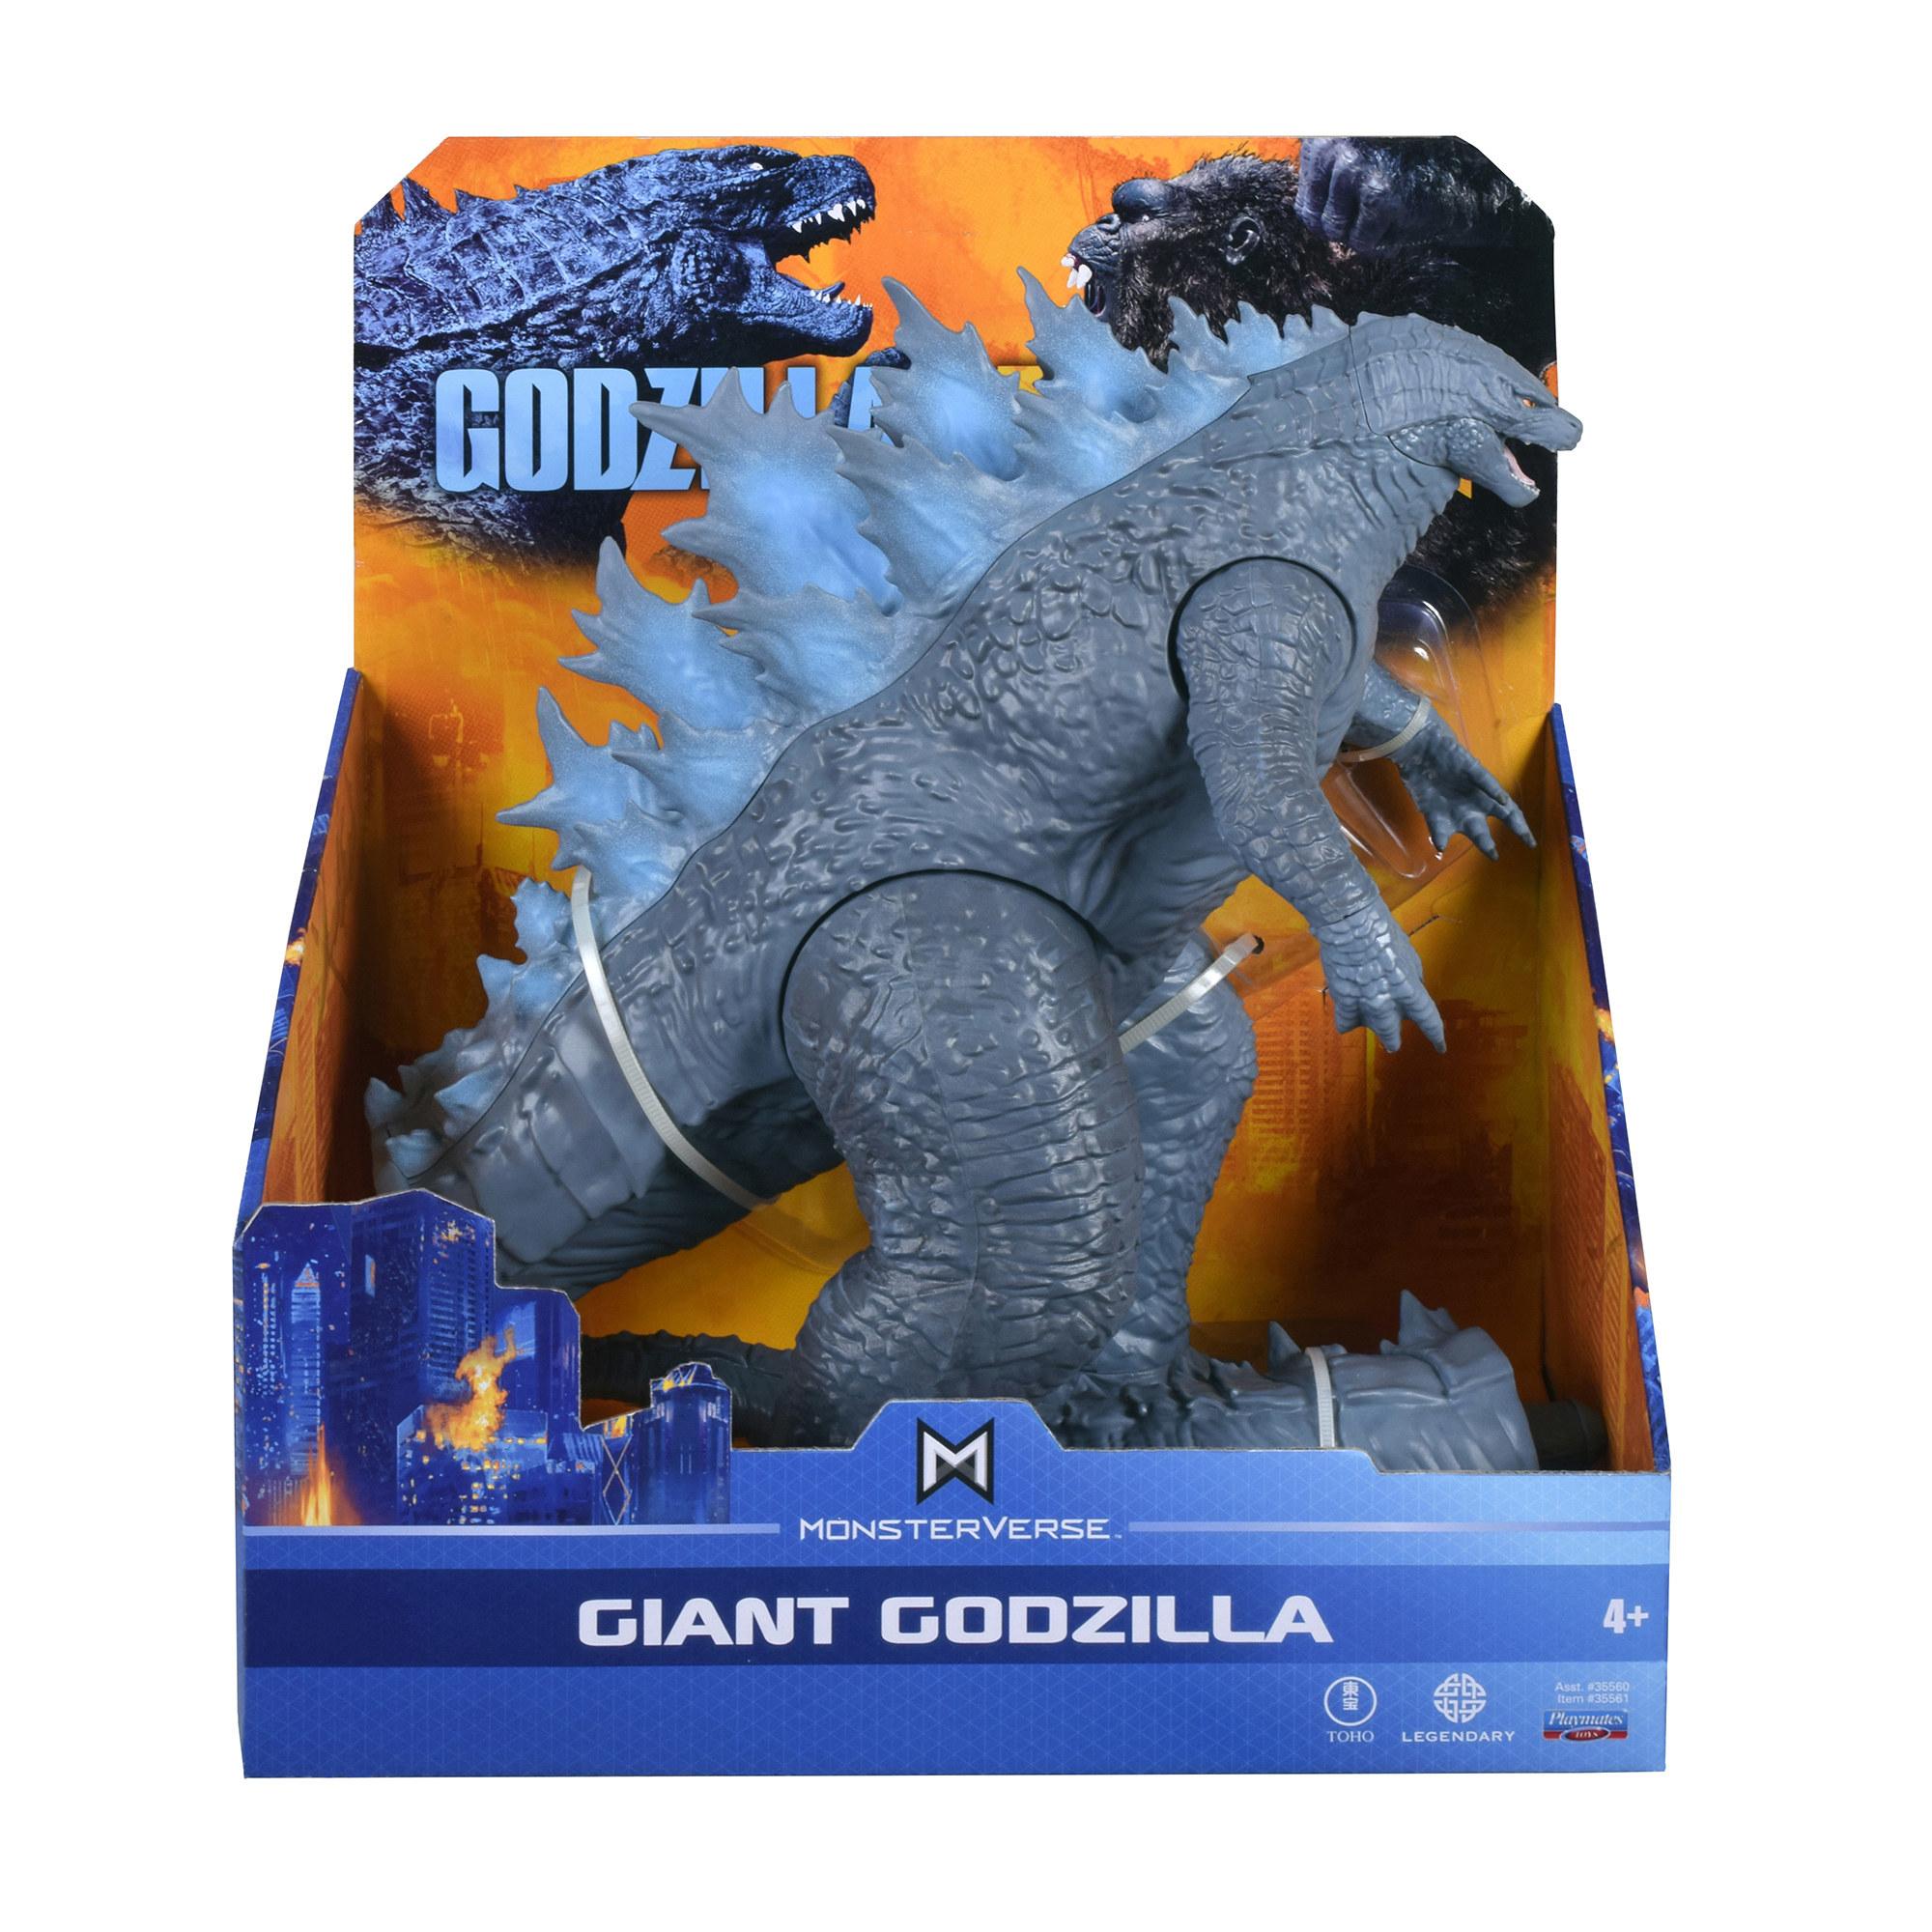 A Godzilla figure